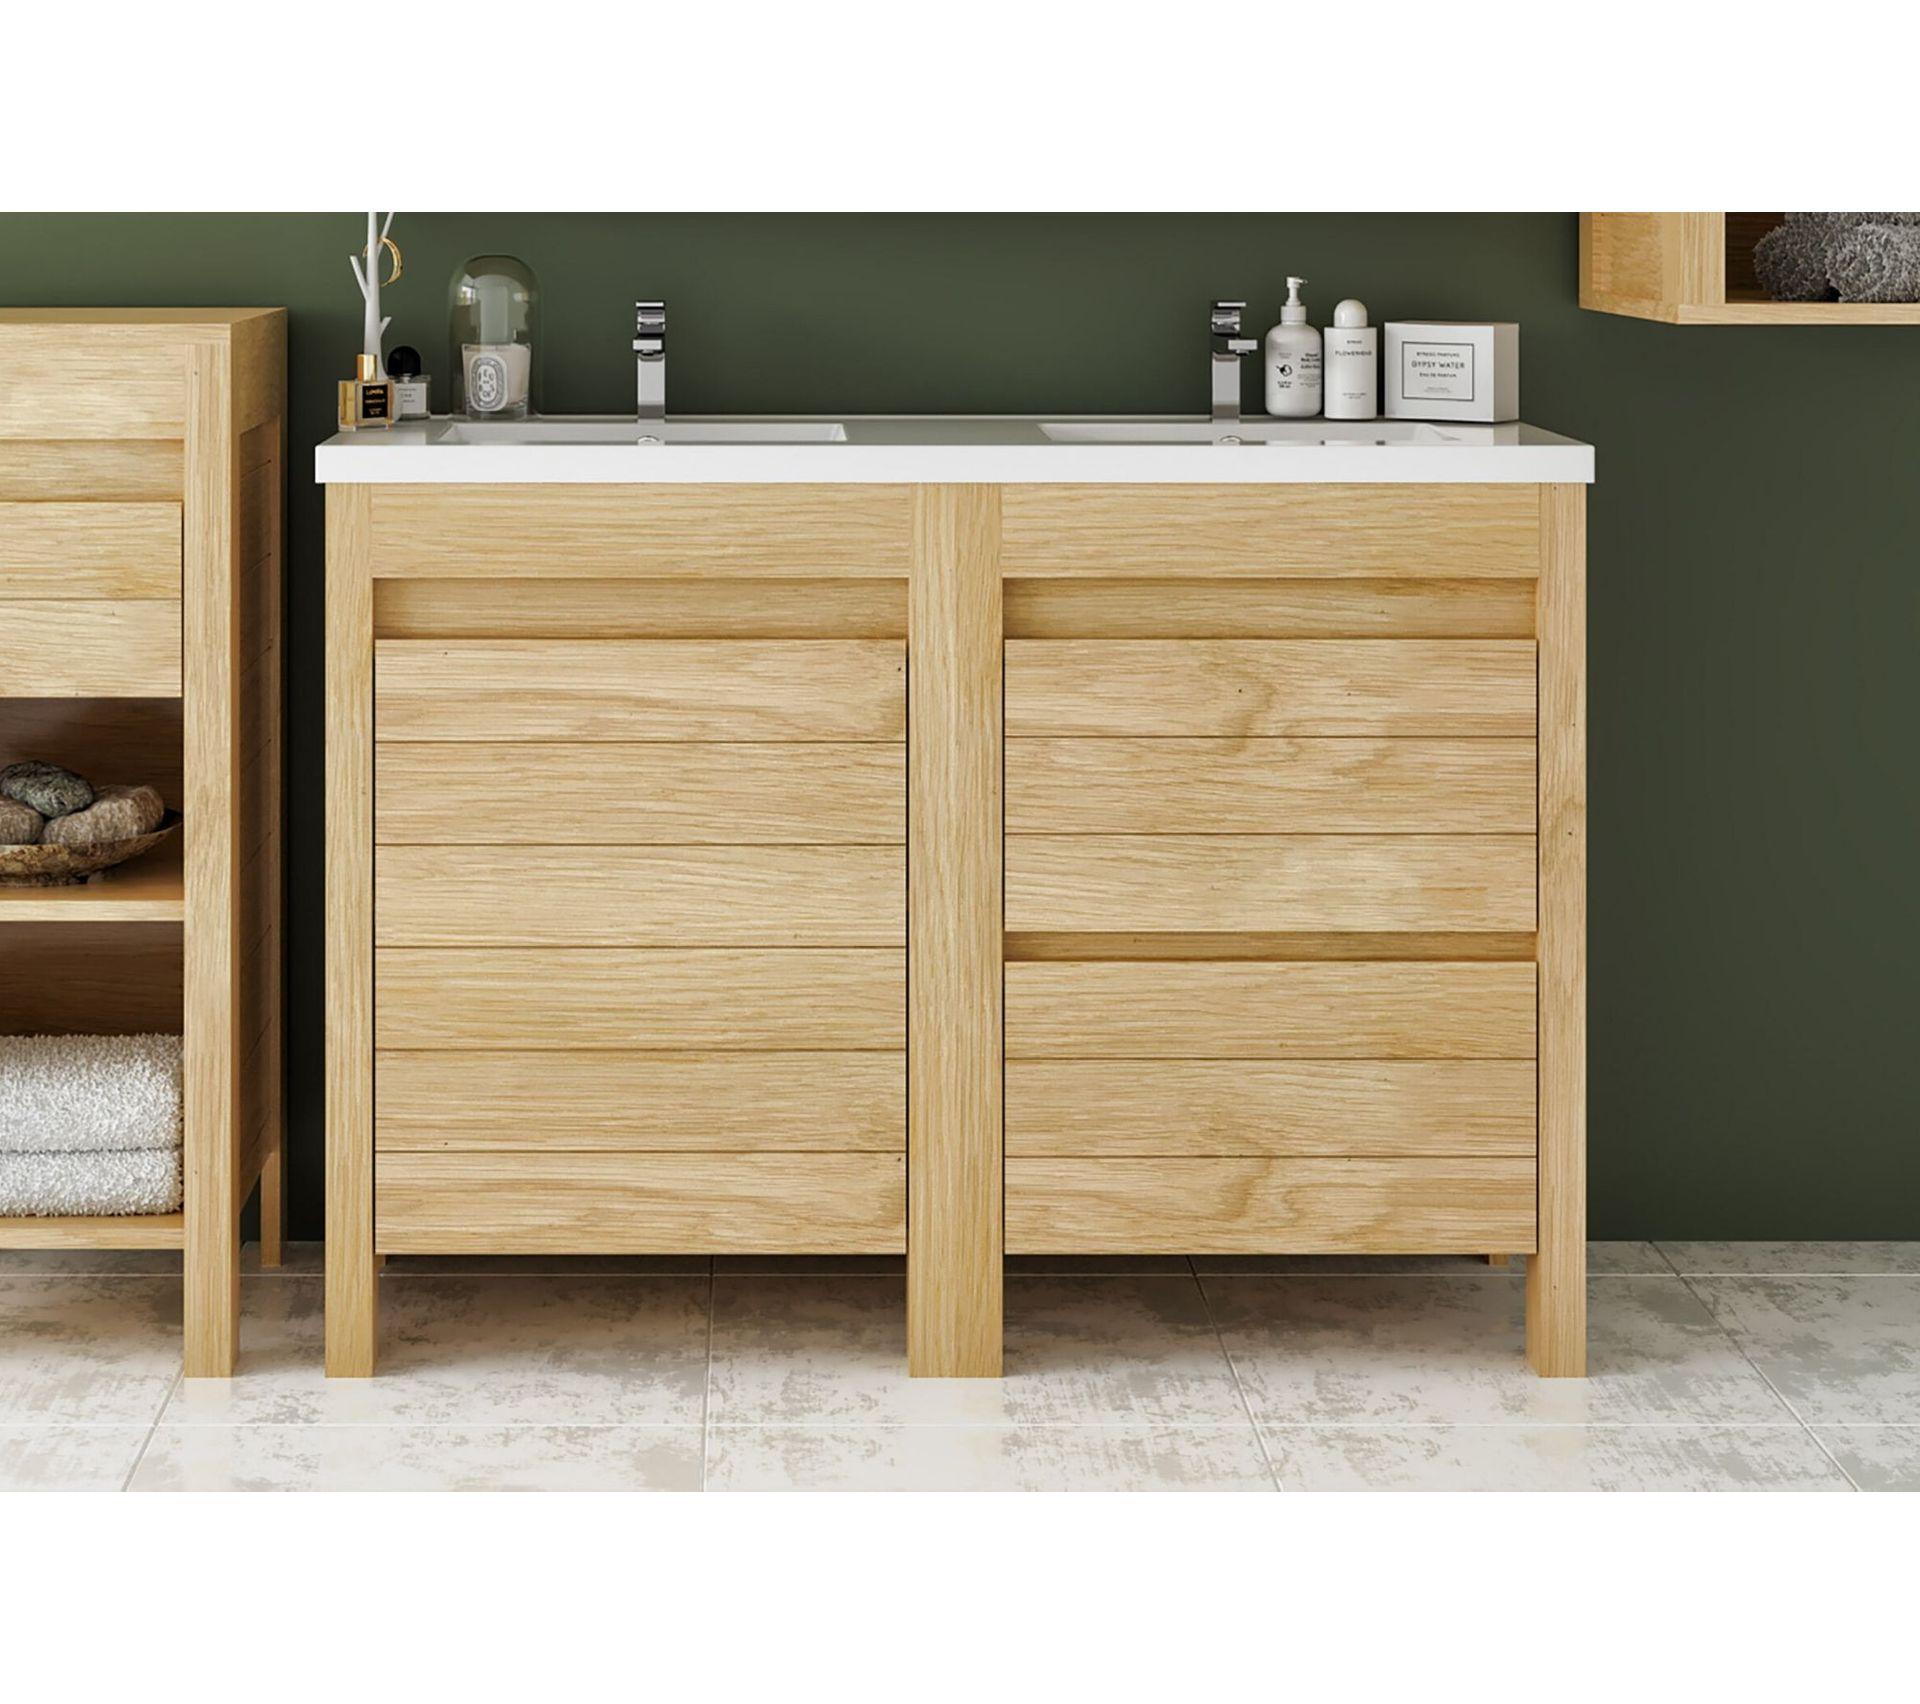 Bois Salle De Bain meuble de salle de bain 120 cm en bois massif avec sa double vasque - cork